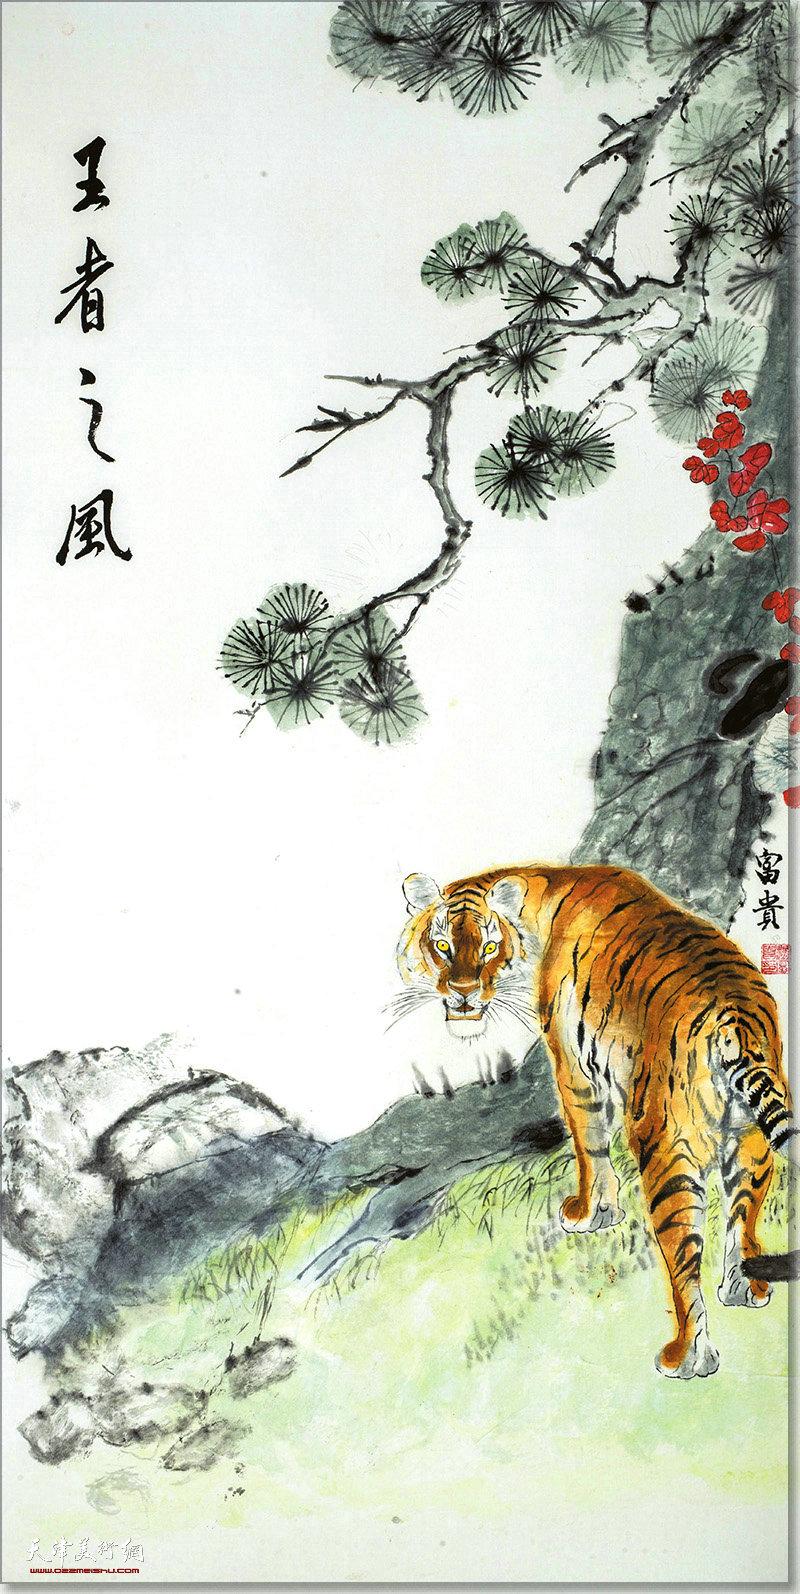 杨富贵作品:王者之风